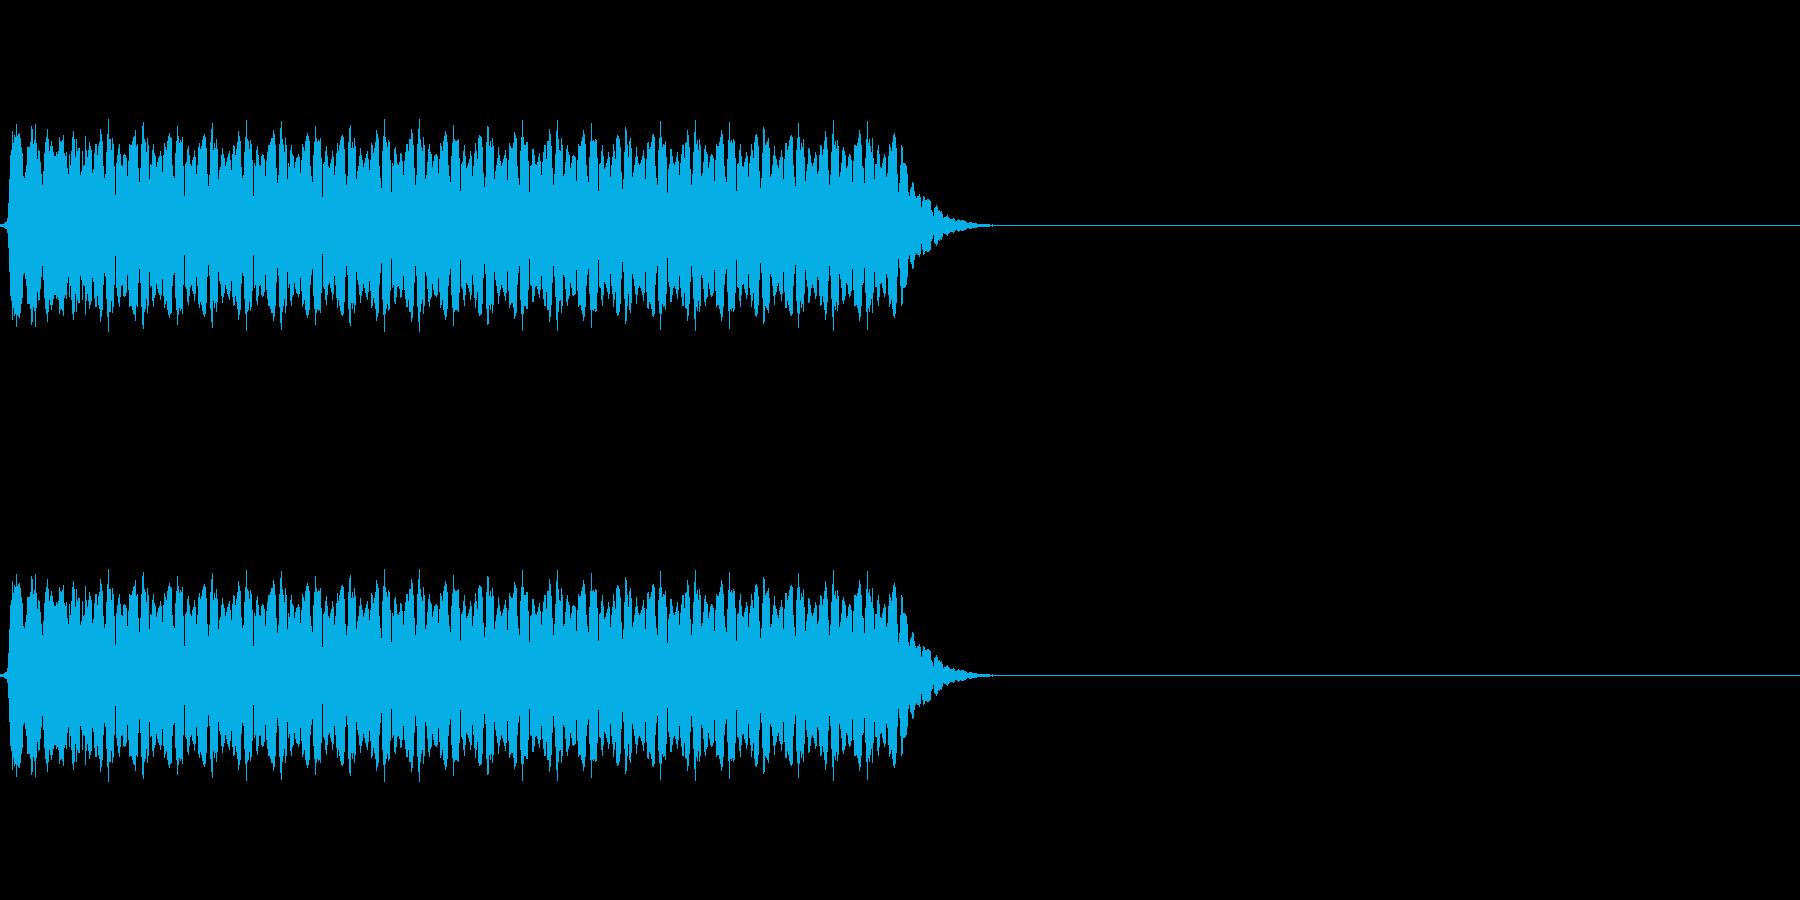 長いホイッスルの音「ピーッ!」の再生済みの波形